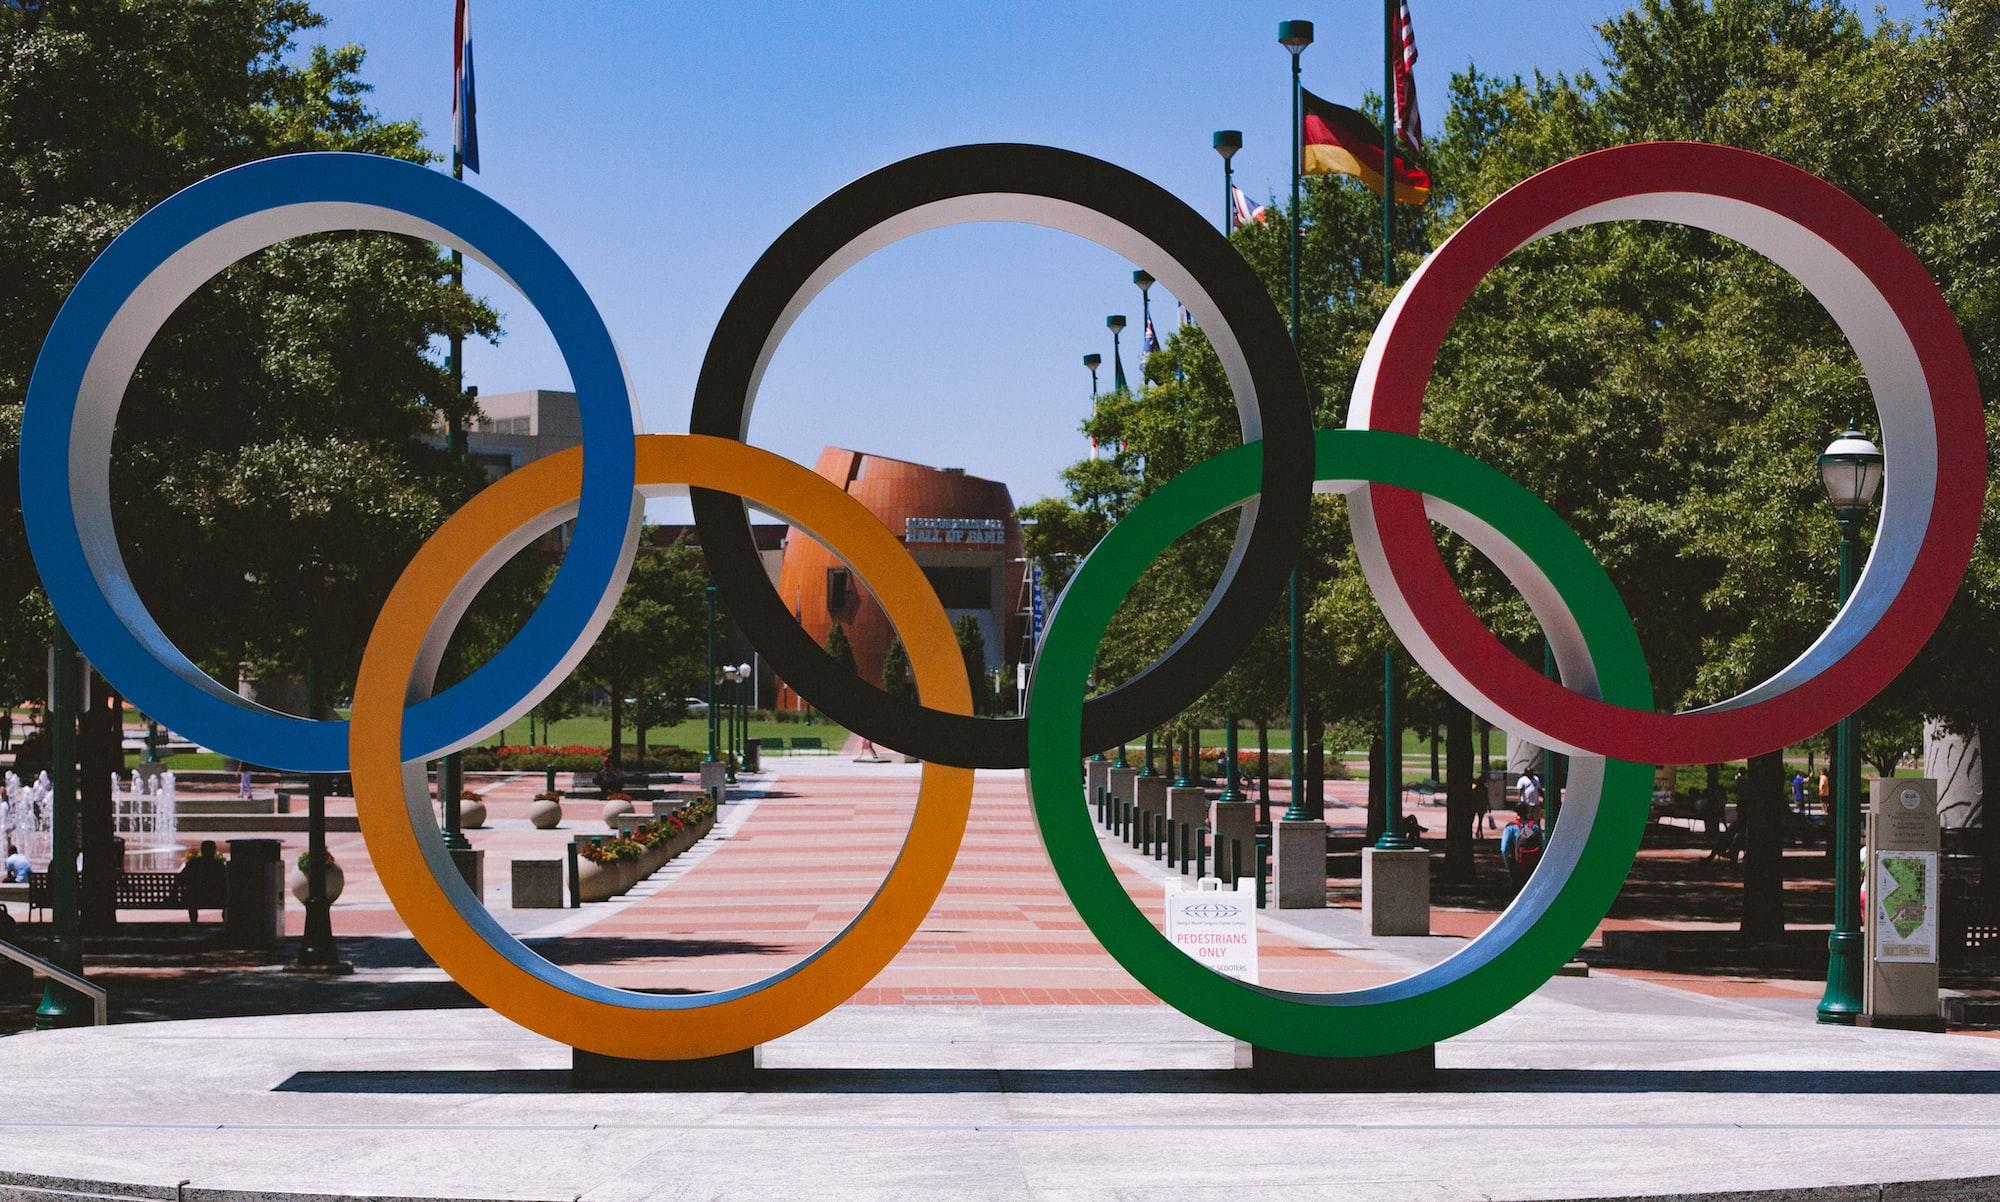 Olimpíadas de Tóquio 2020: a relação do público brasileiro com os jogos